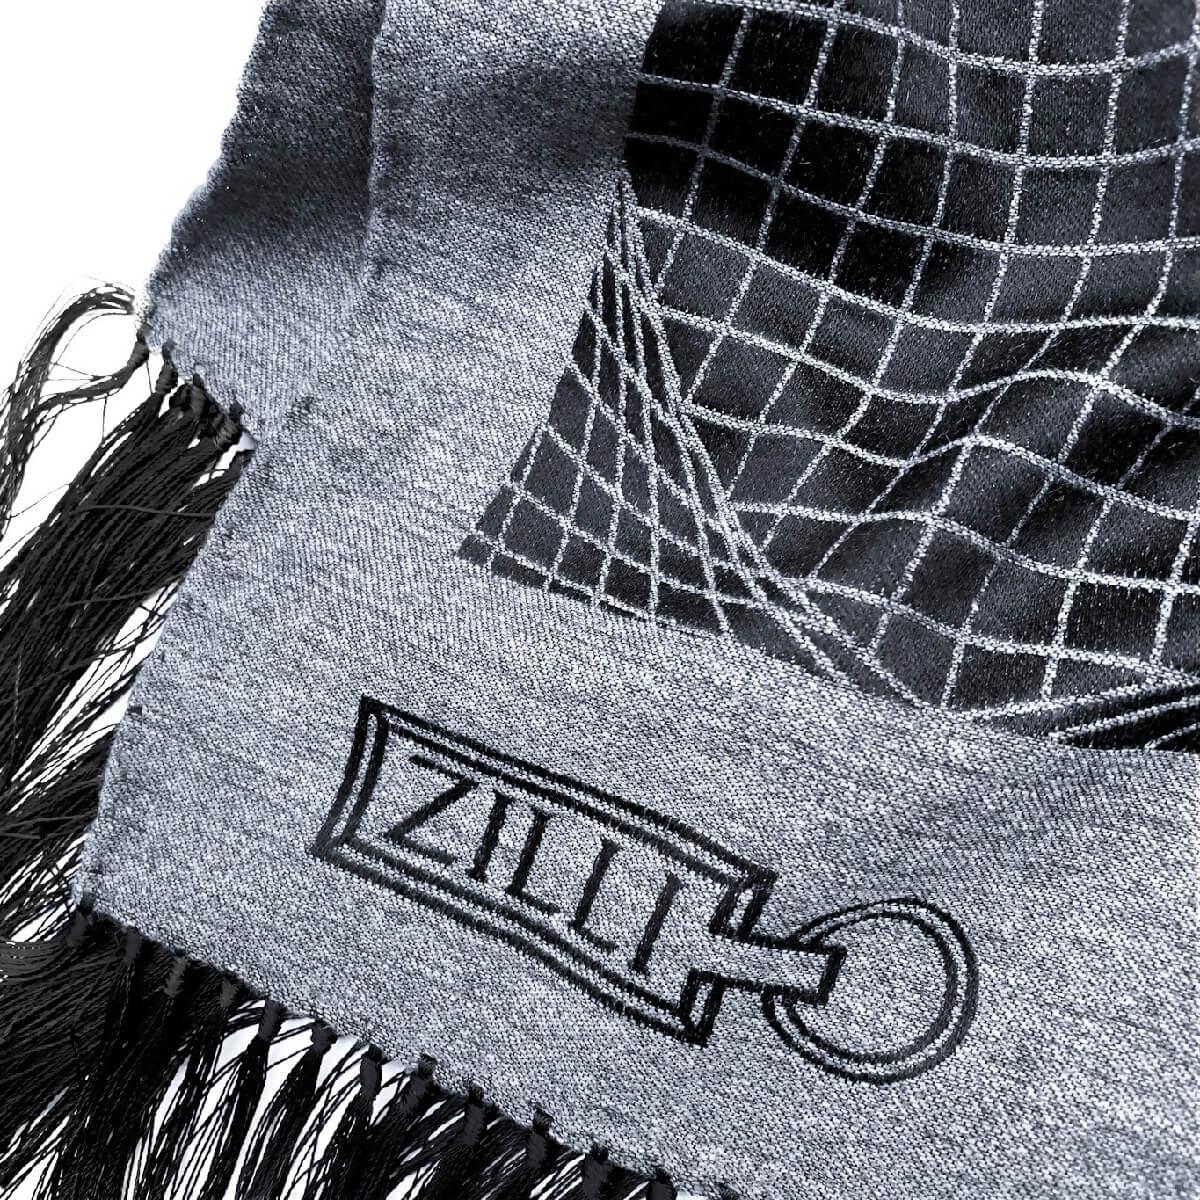 ZILLI (ジリー)マフラー メンズ レディース ブランド ZILLI ジリー シルク カシミア ブラック グレー 高級